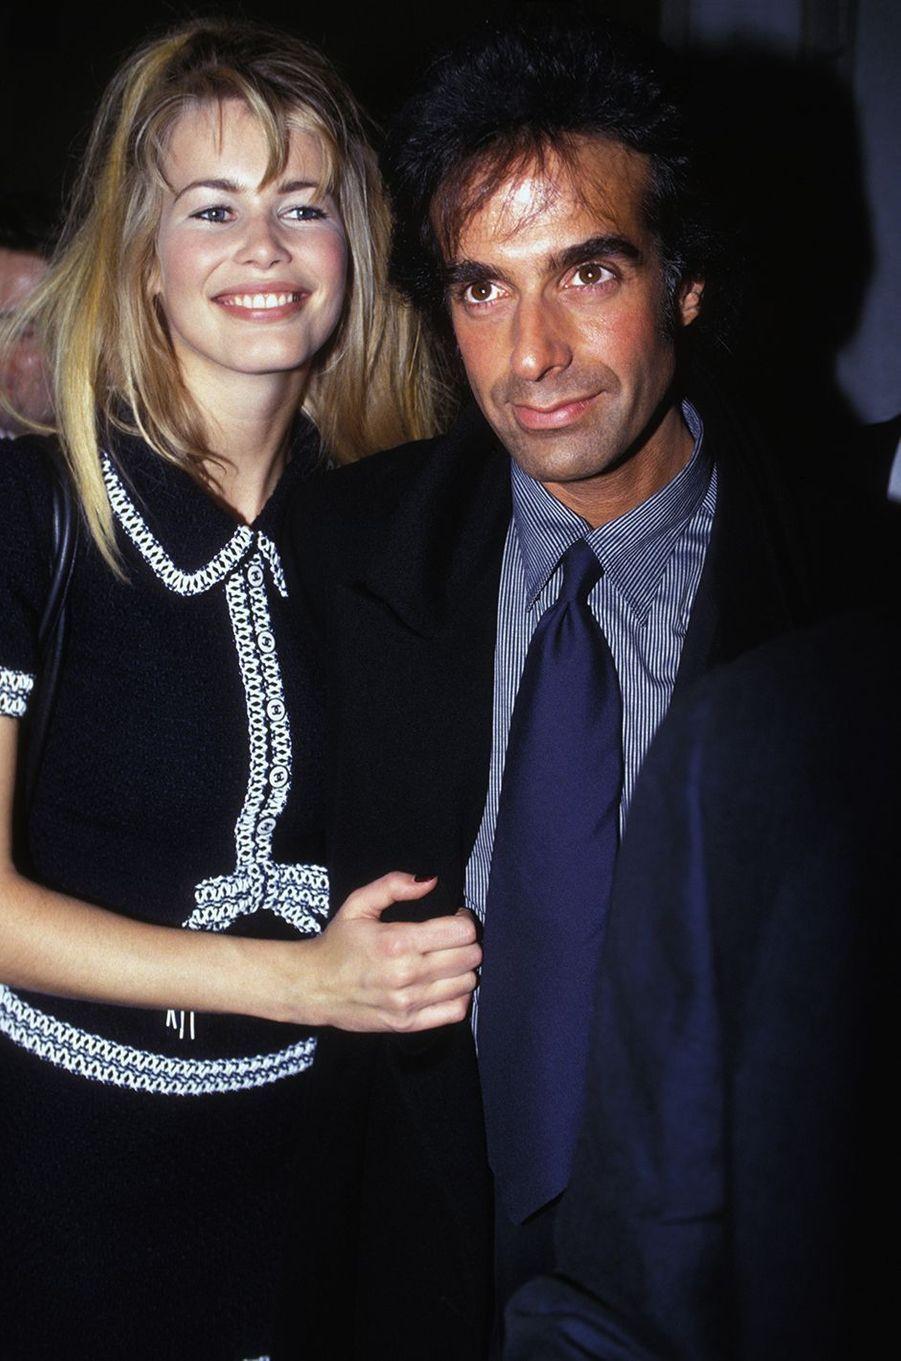 Claudia Schiffer et son compagnon d'alors David Copperfield au défilé Chanel à Paris en 1994